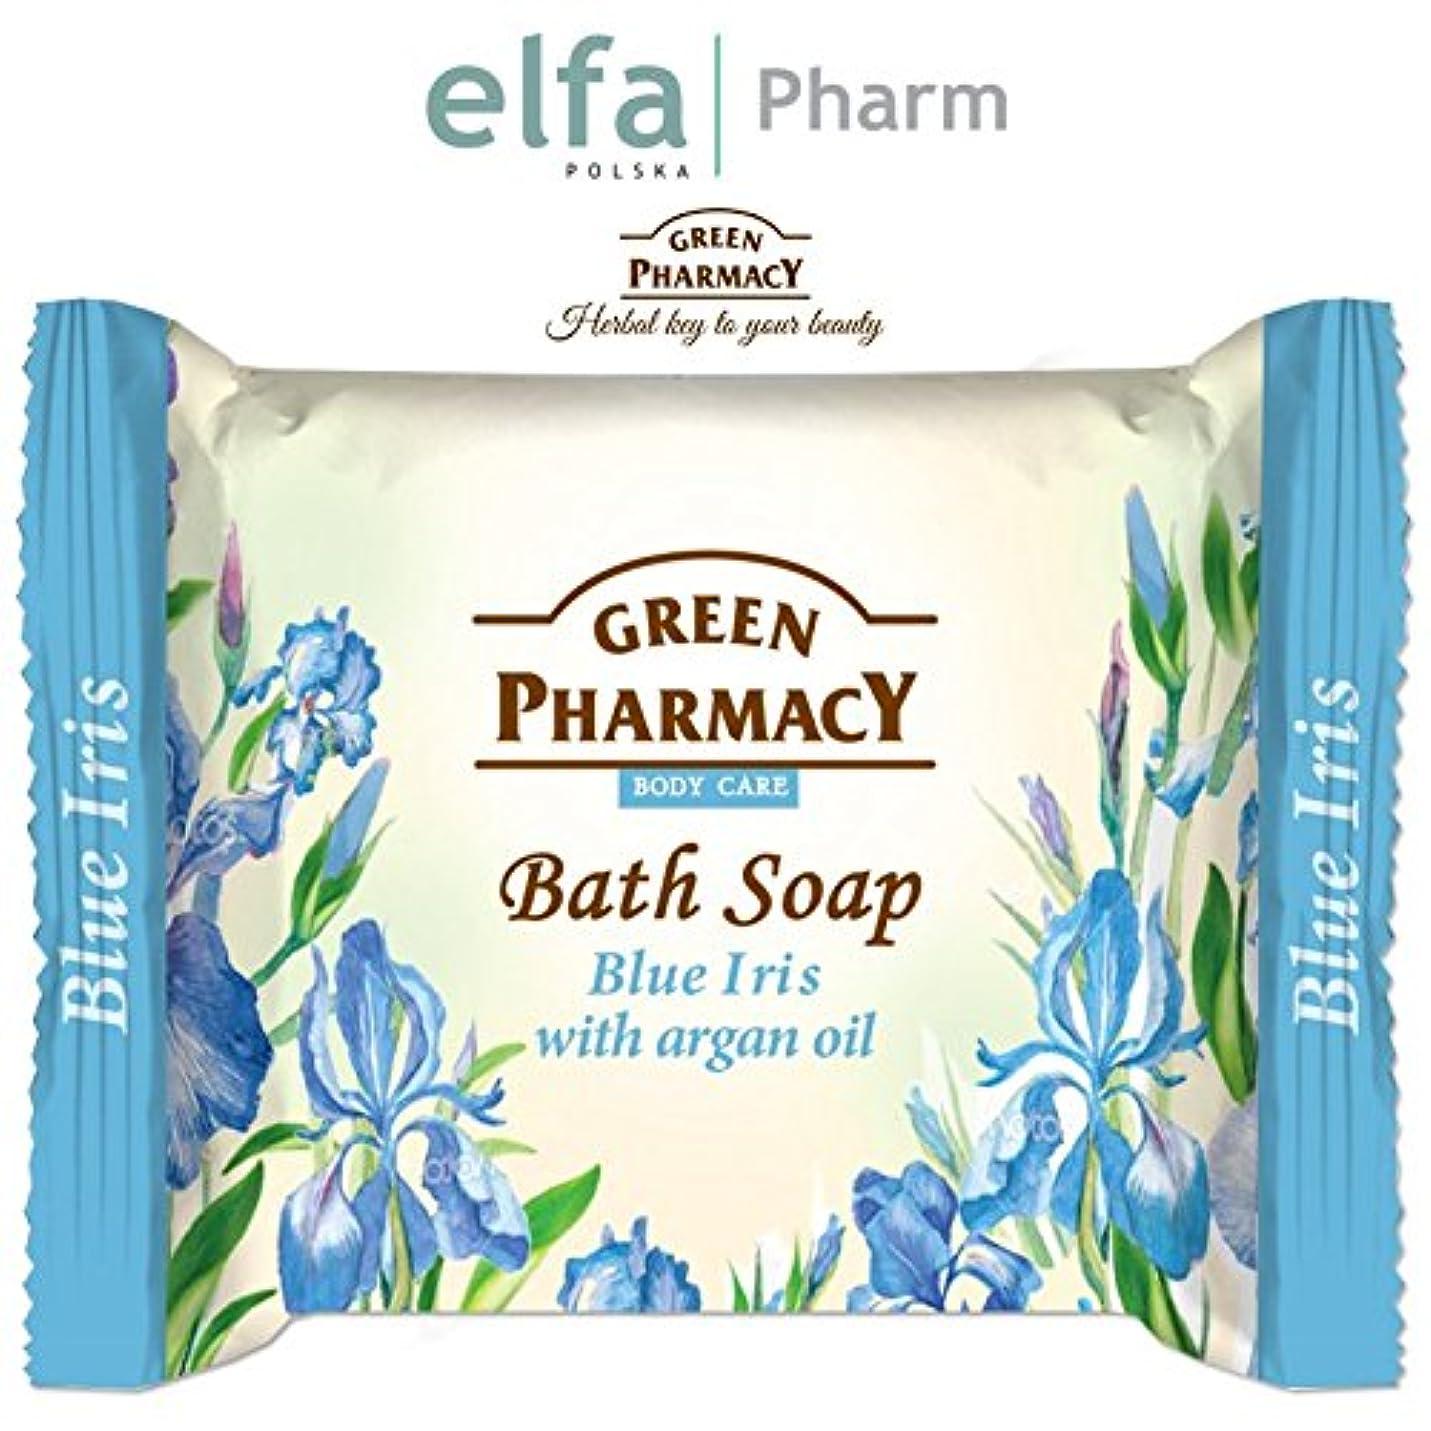 半ばウェイトレスくびれた石鹸 固形 安心?安全 古代からのハーブの知識を生かして作られた固形せっけん ポーランドのグリーンファーマシー elfa Pharm Green Pharmacy Bath Soap Blue Iris with Argan...